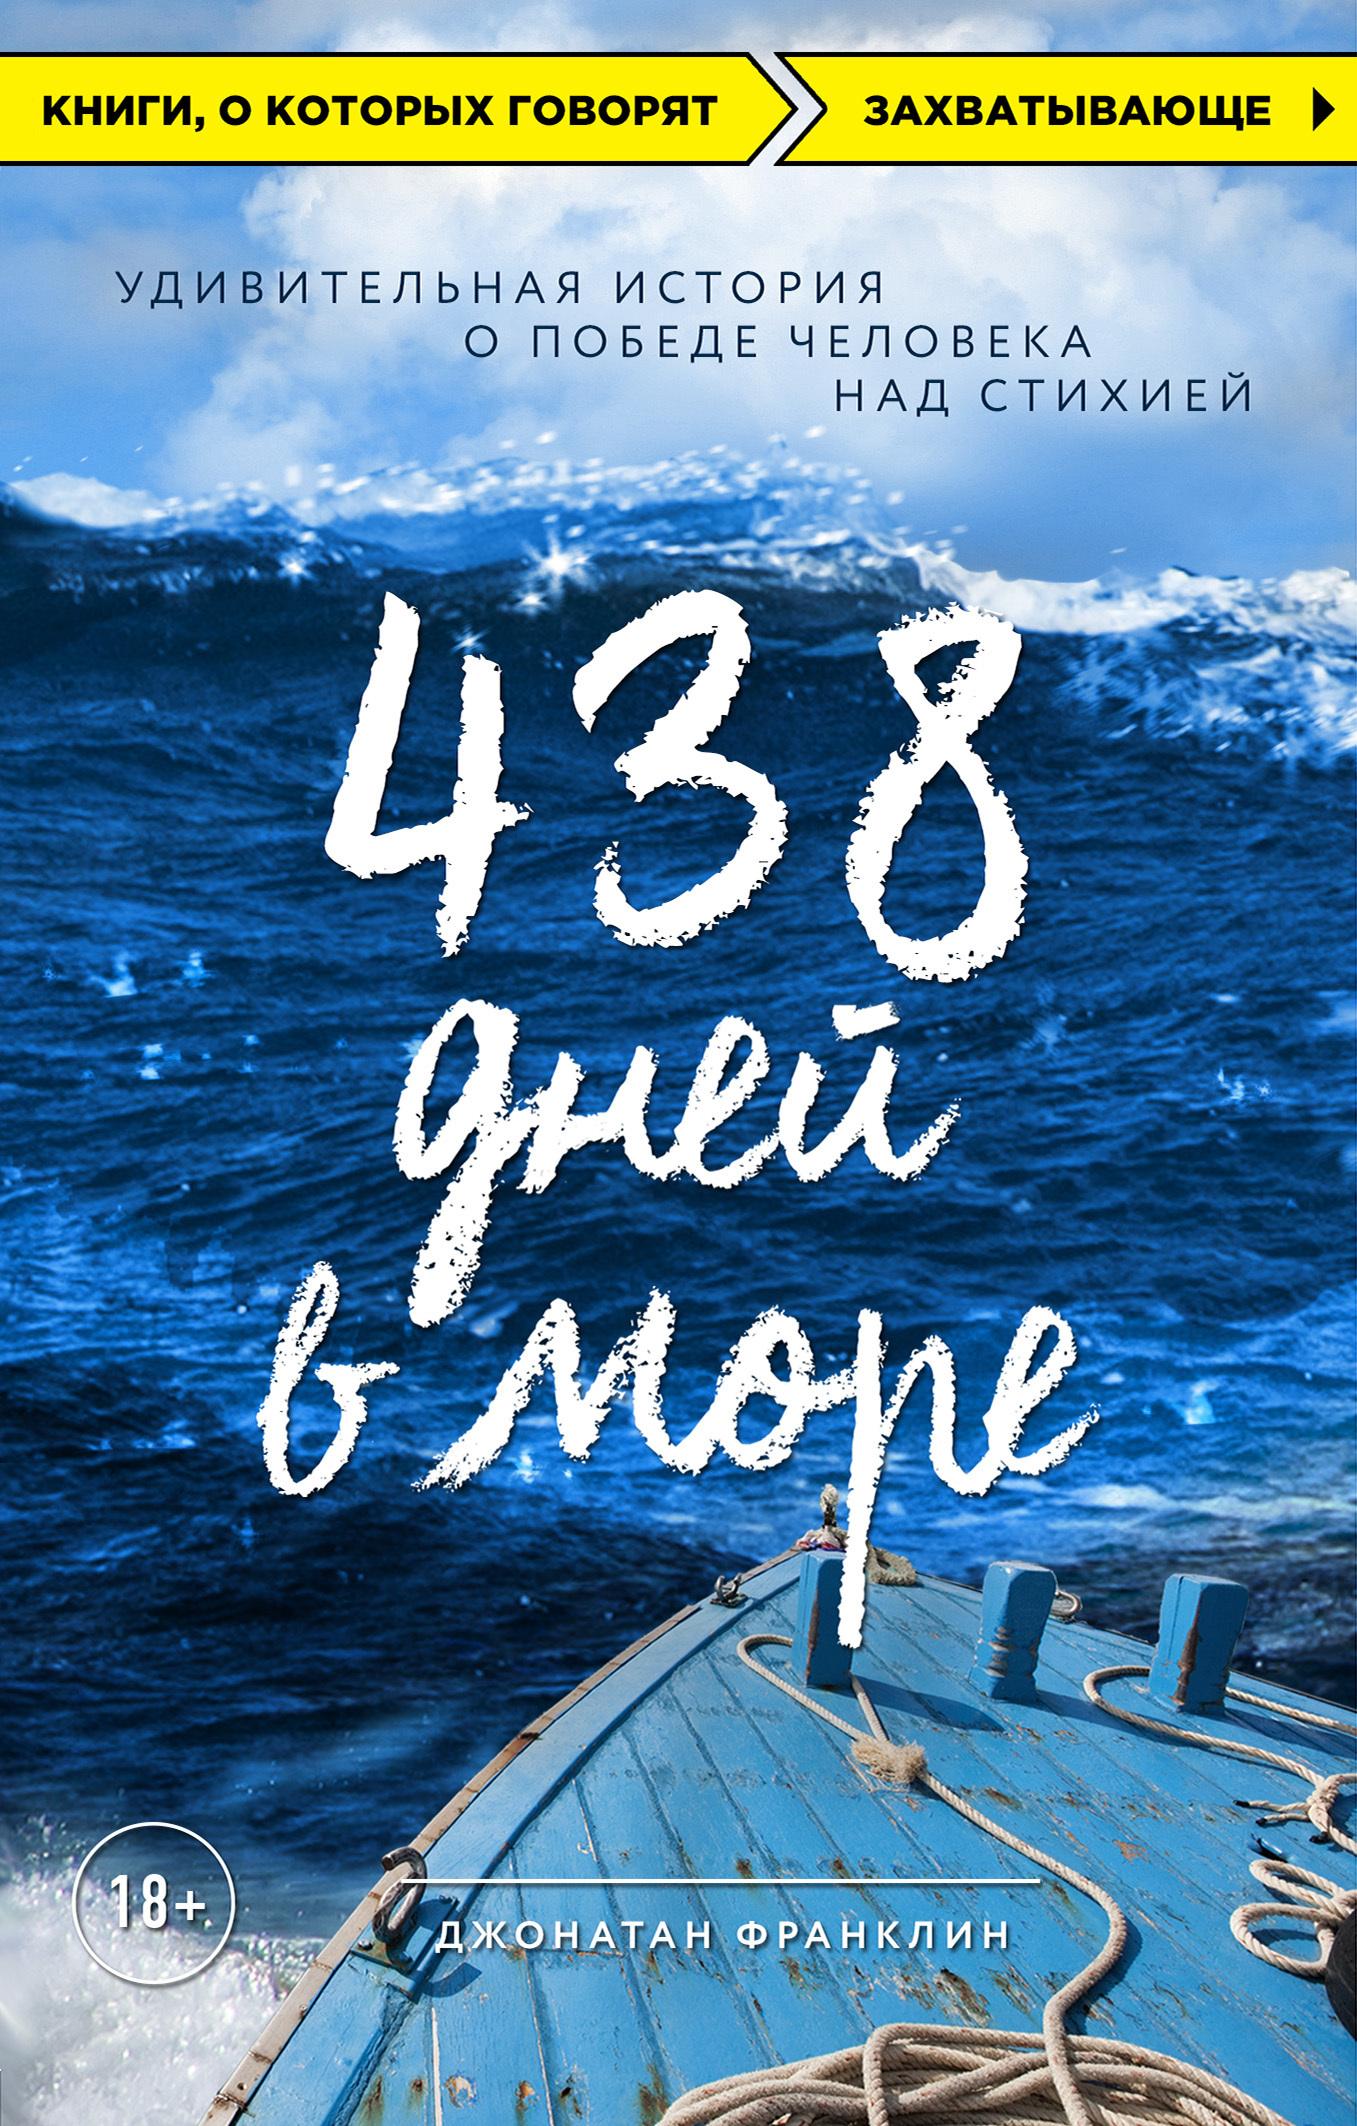 Джонатан Франклин - 438 дней в море. Удивительная история о победе человека над стихией